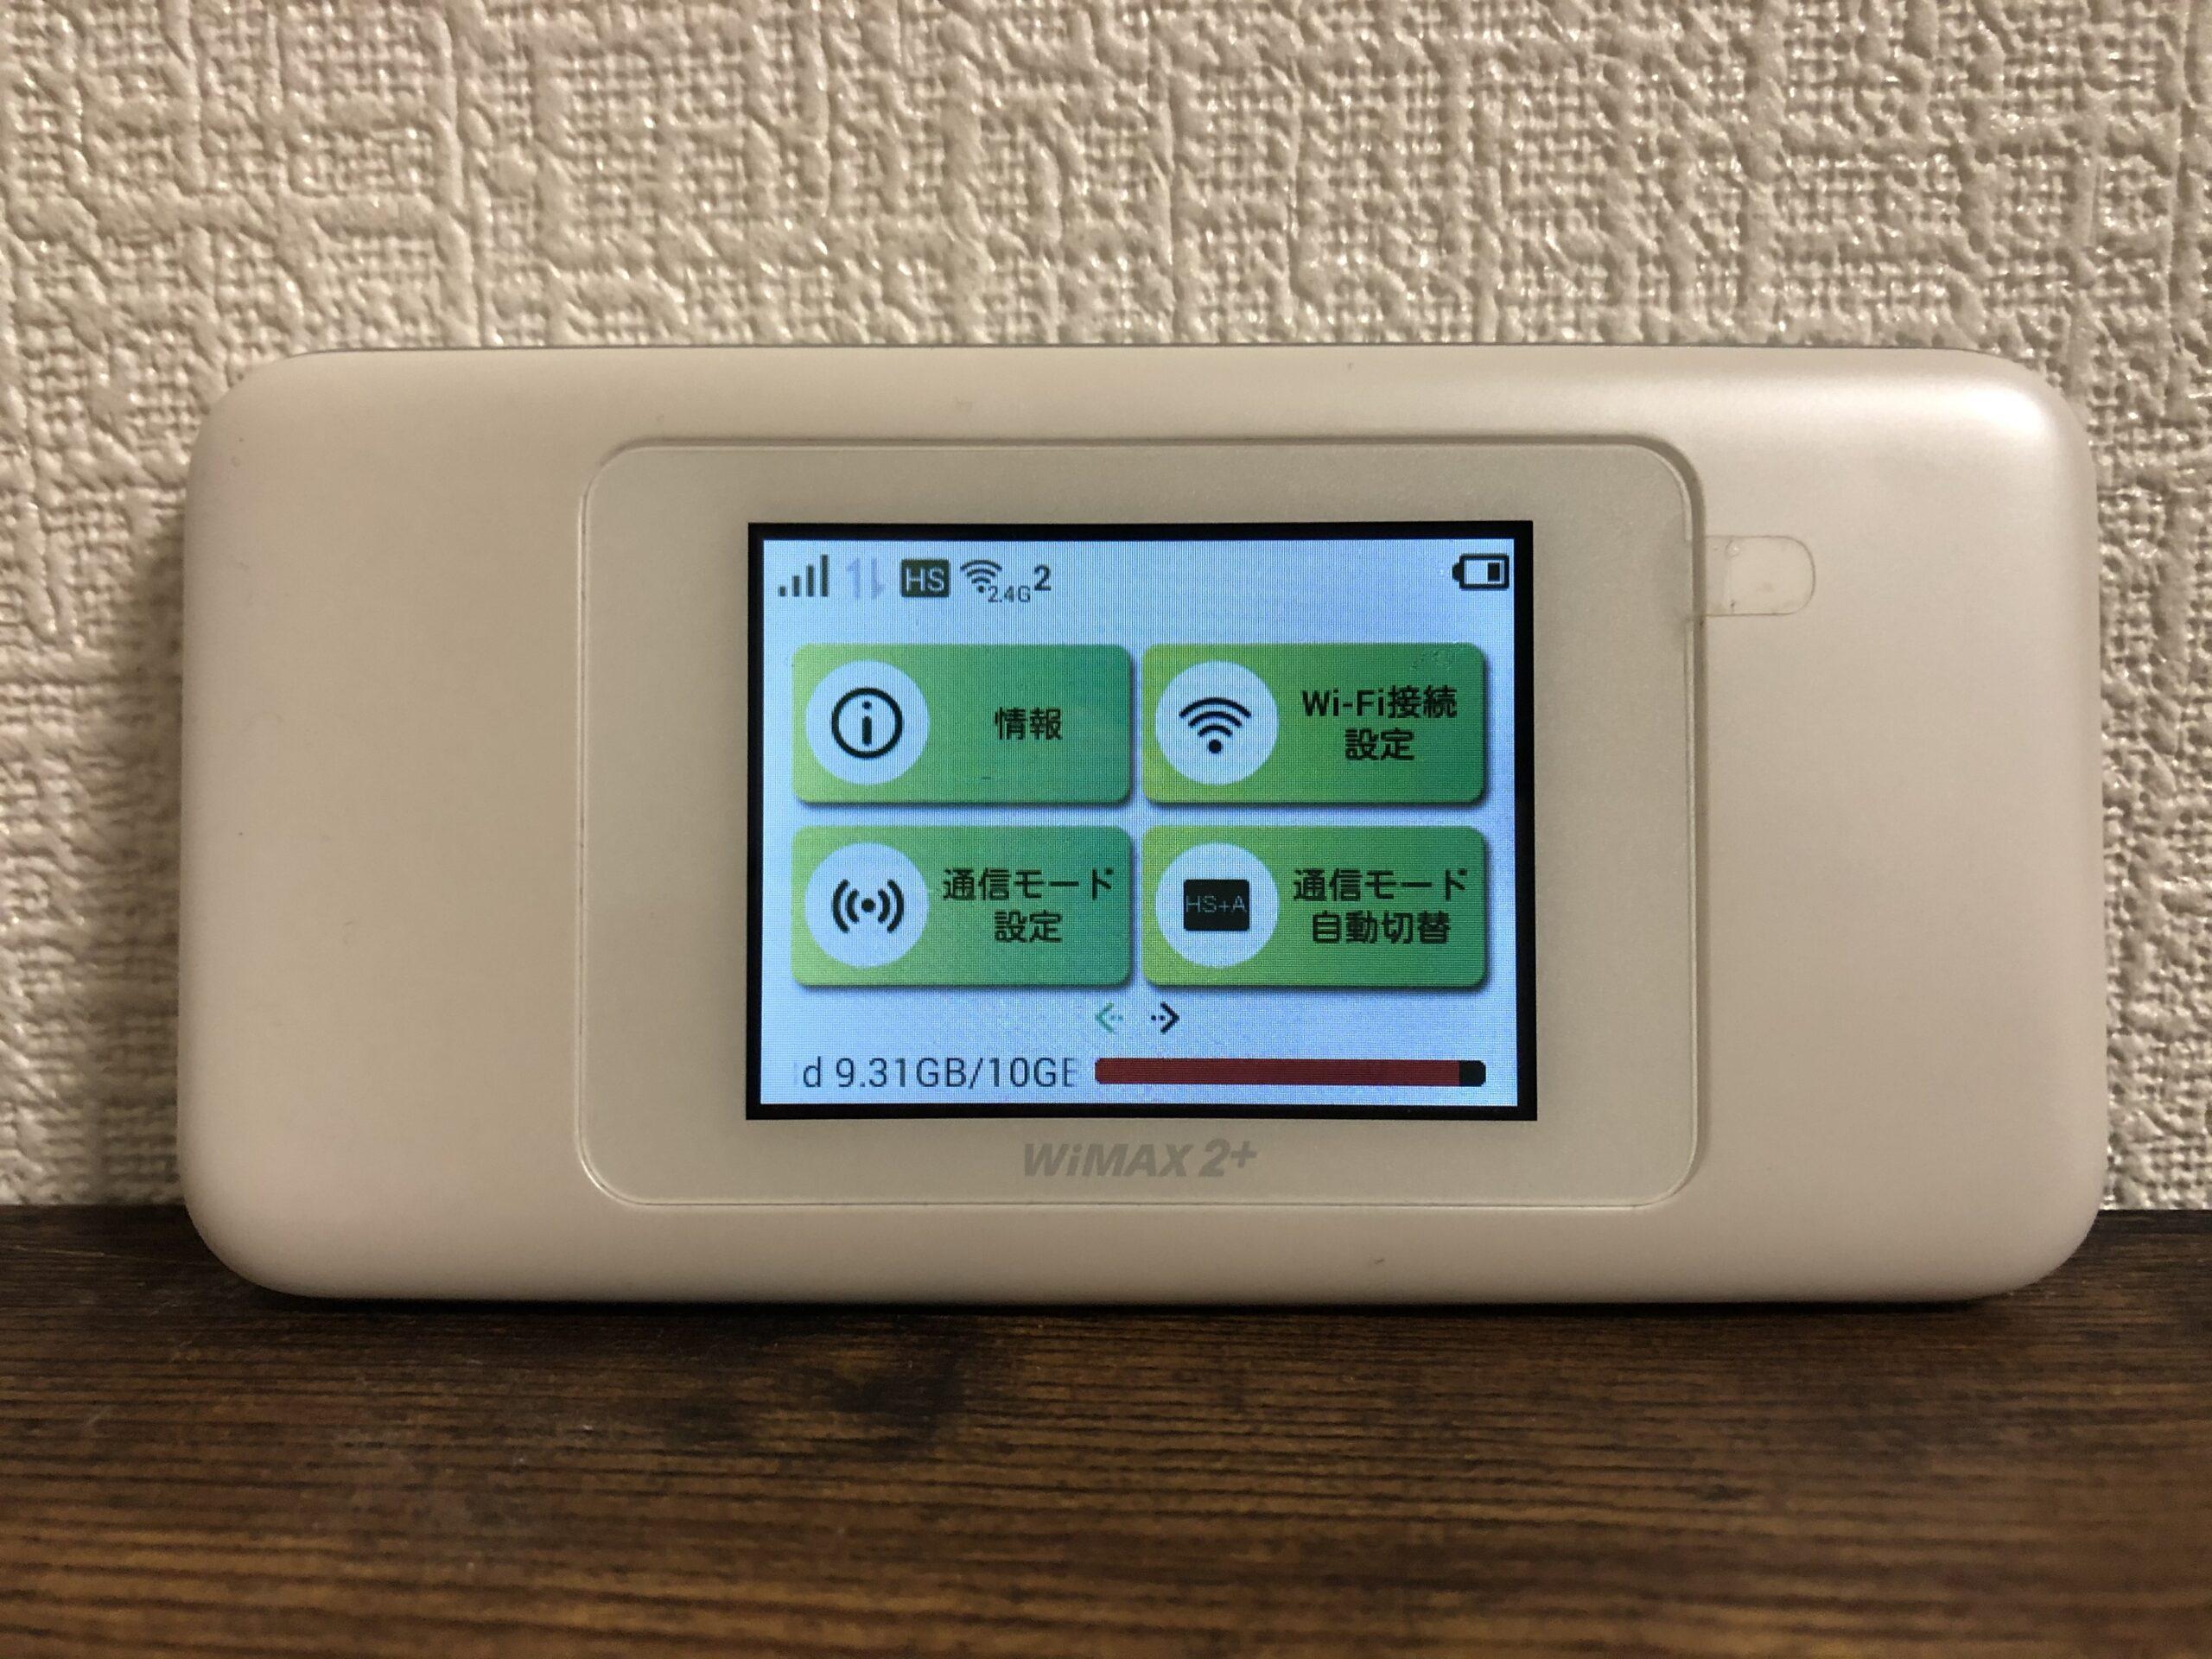 WiMAXのSPEED-Wi-Fi-NEXT-W06